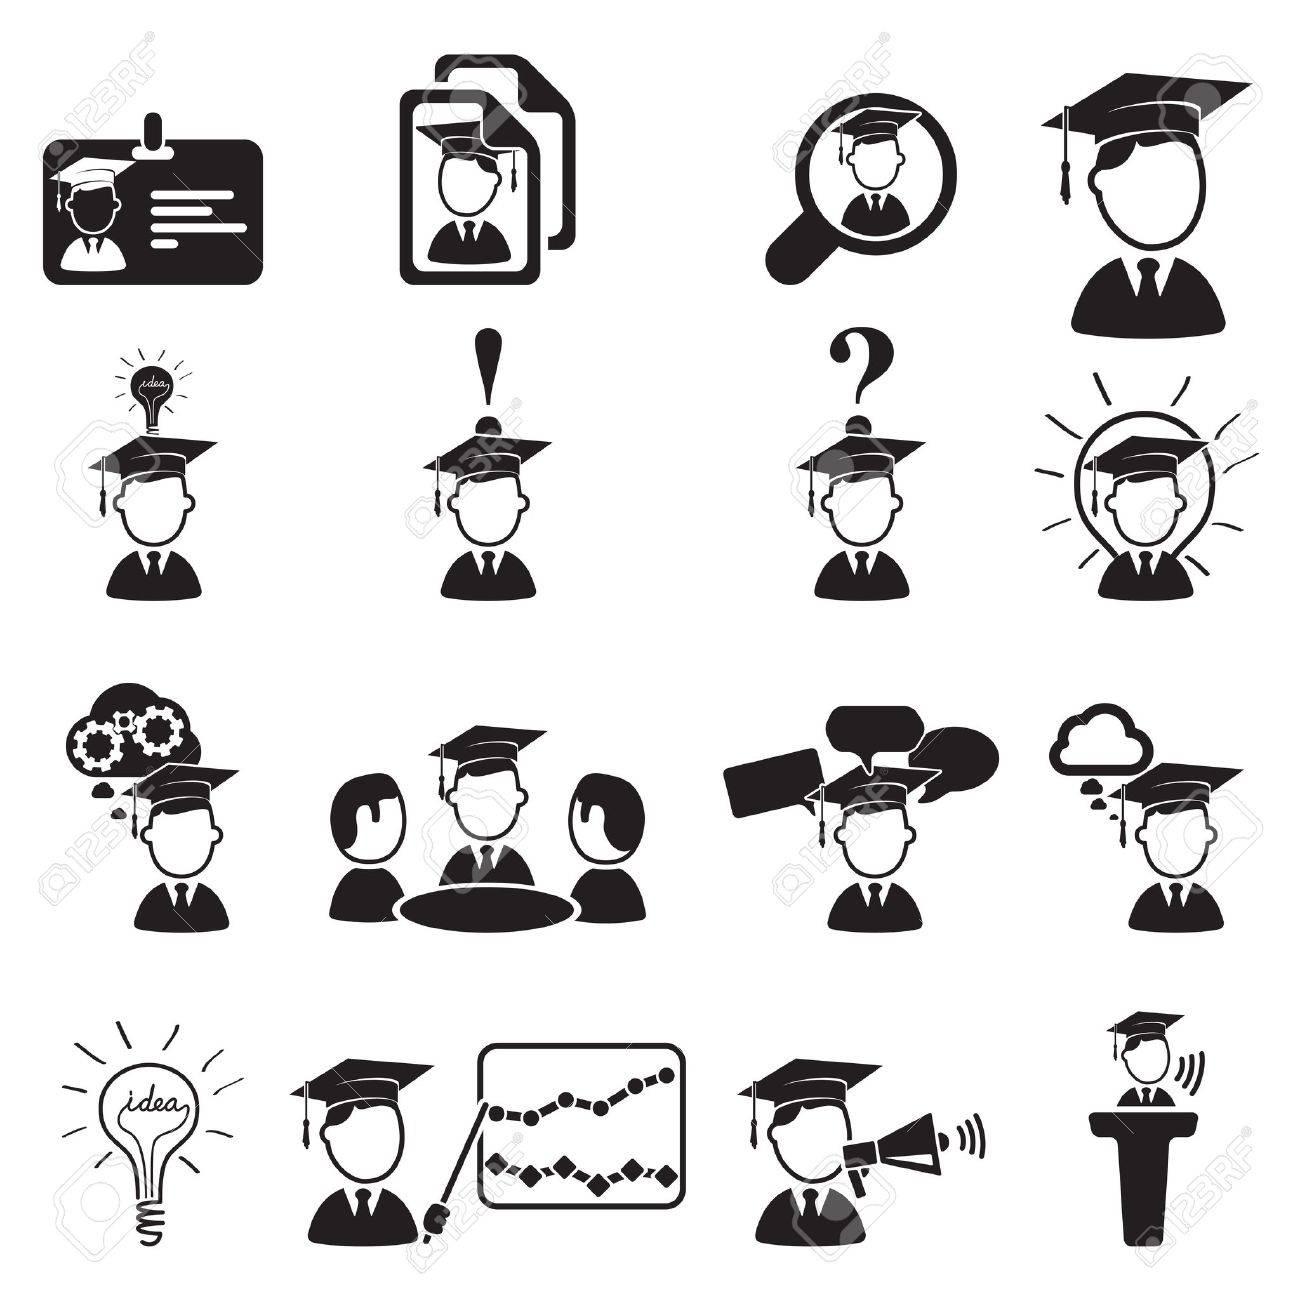 education icons set - 18458732